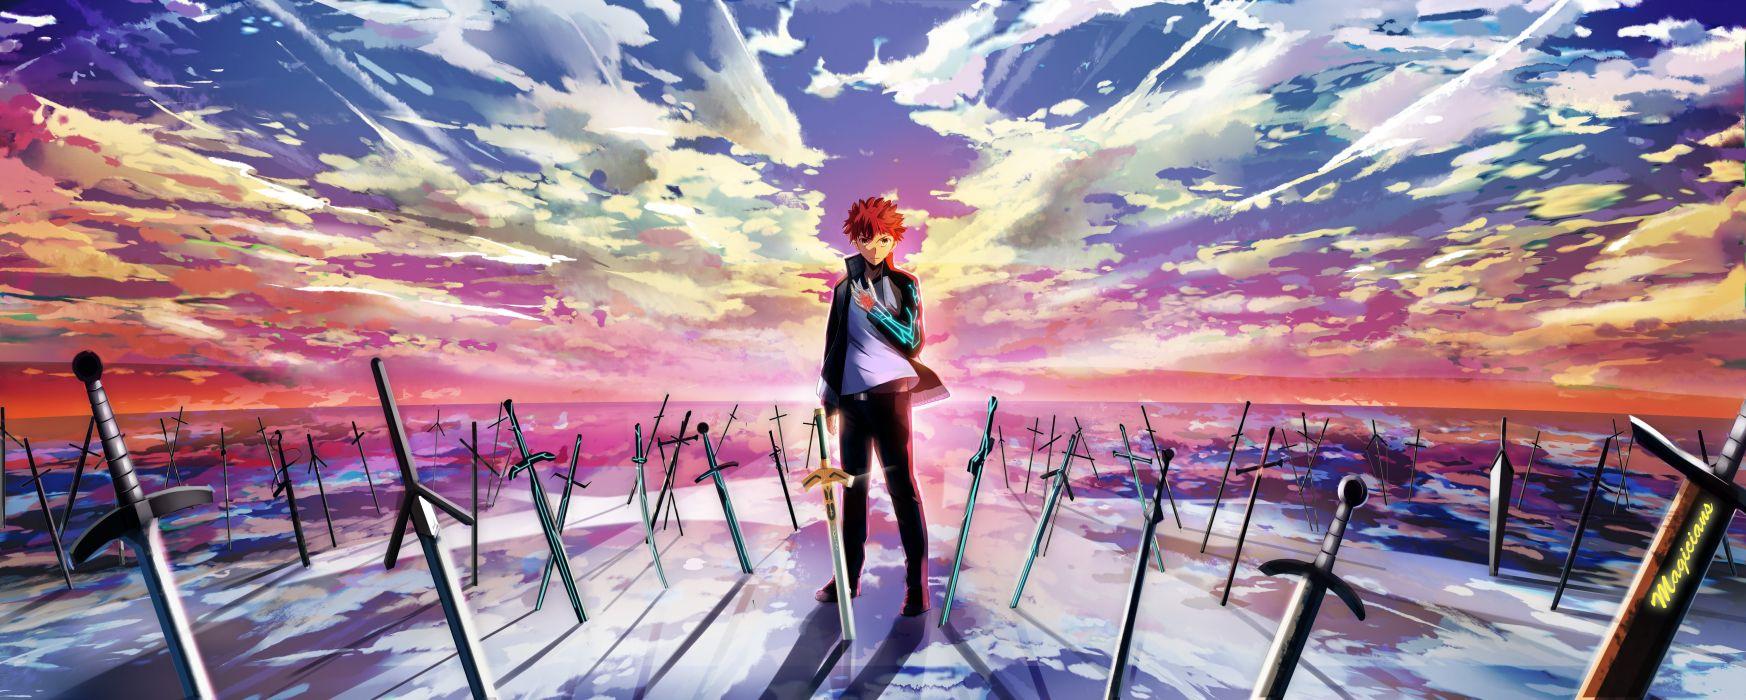 Hình nền anime độc đáo